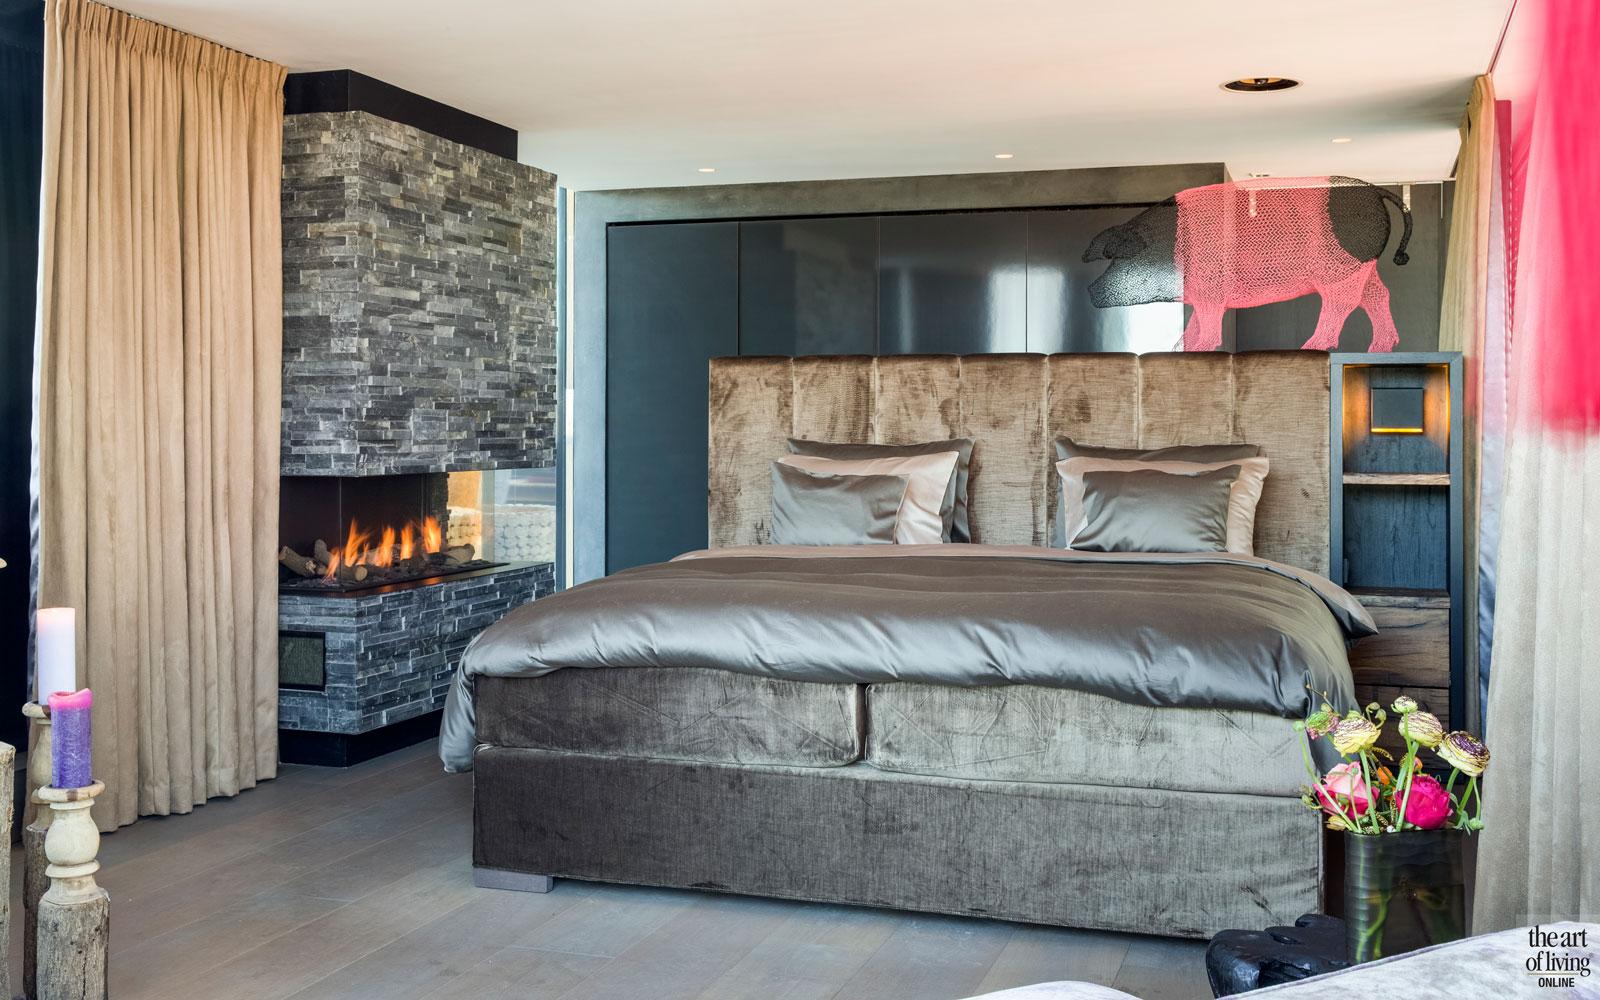 Slaapkamer, master bedroom, bed, Nilson Beds, open haard, penthouse, Amsterdam, Osiris Hertman